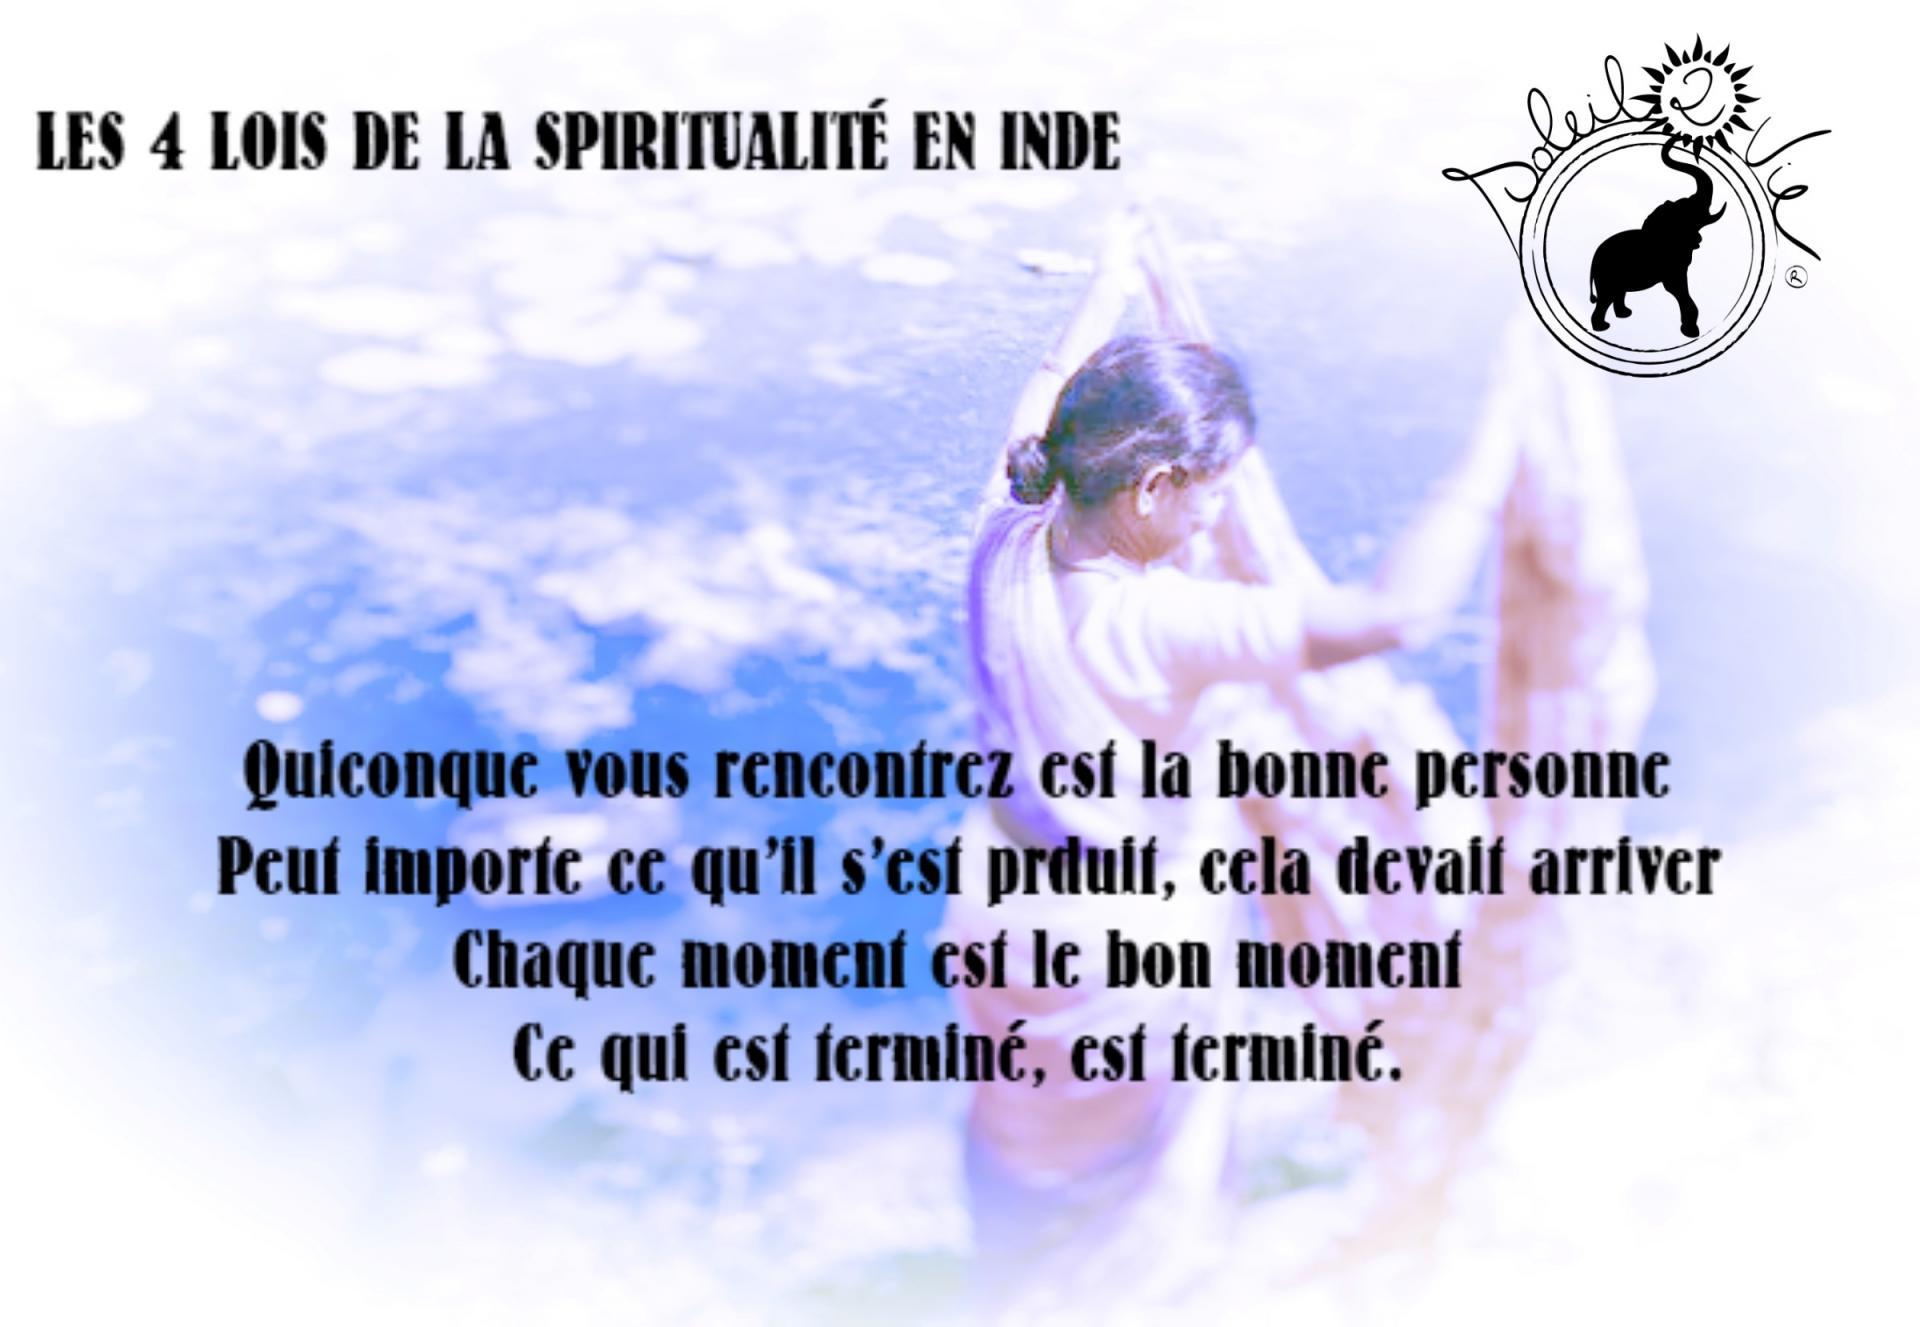 Les 4 loi de la spiritualite en inde soleil2vie